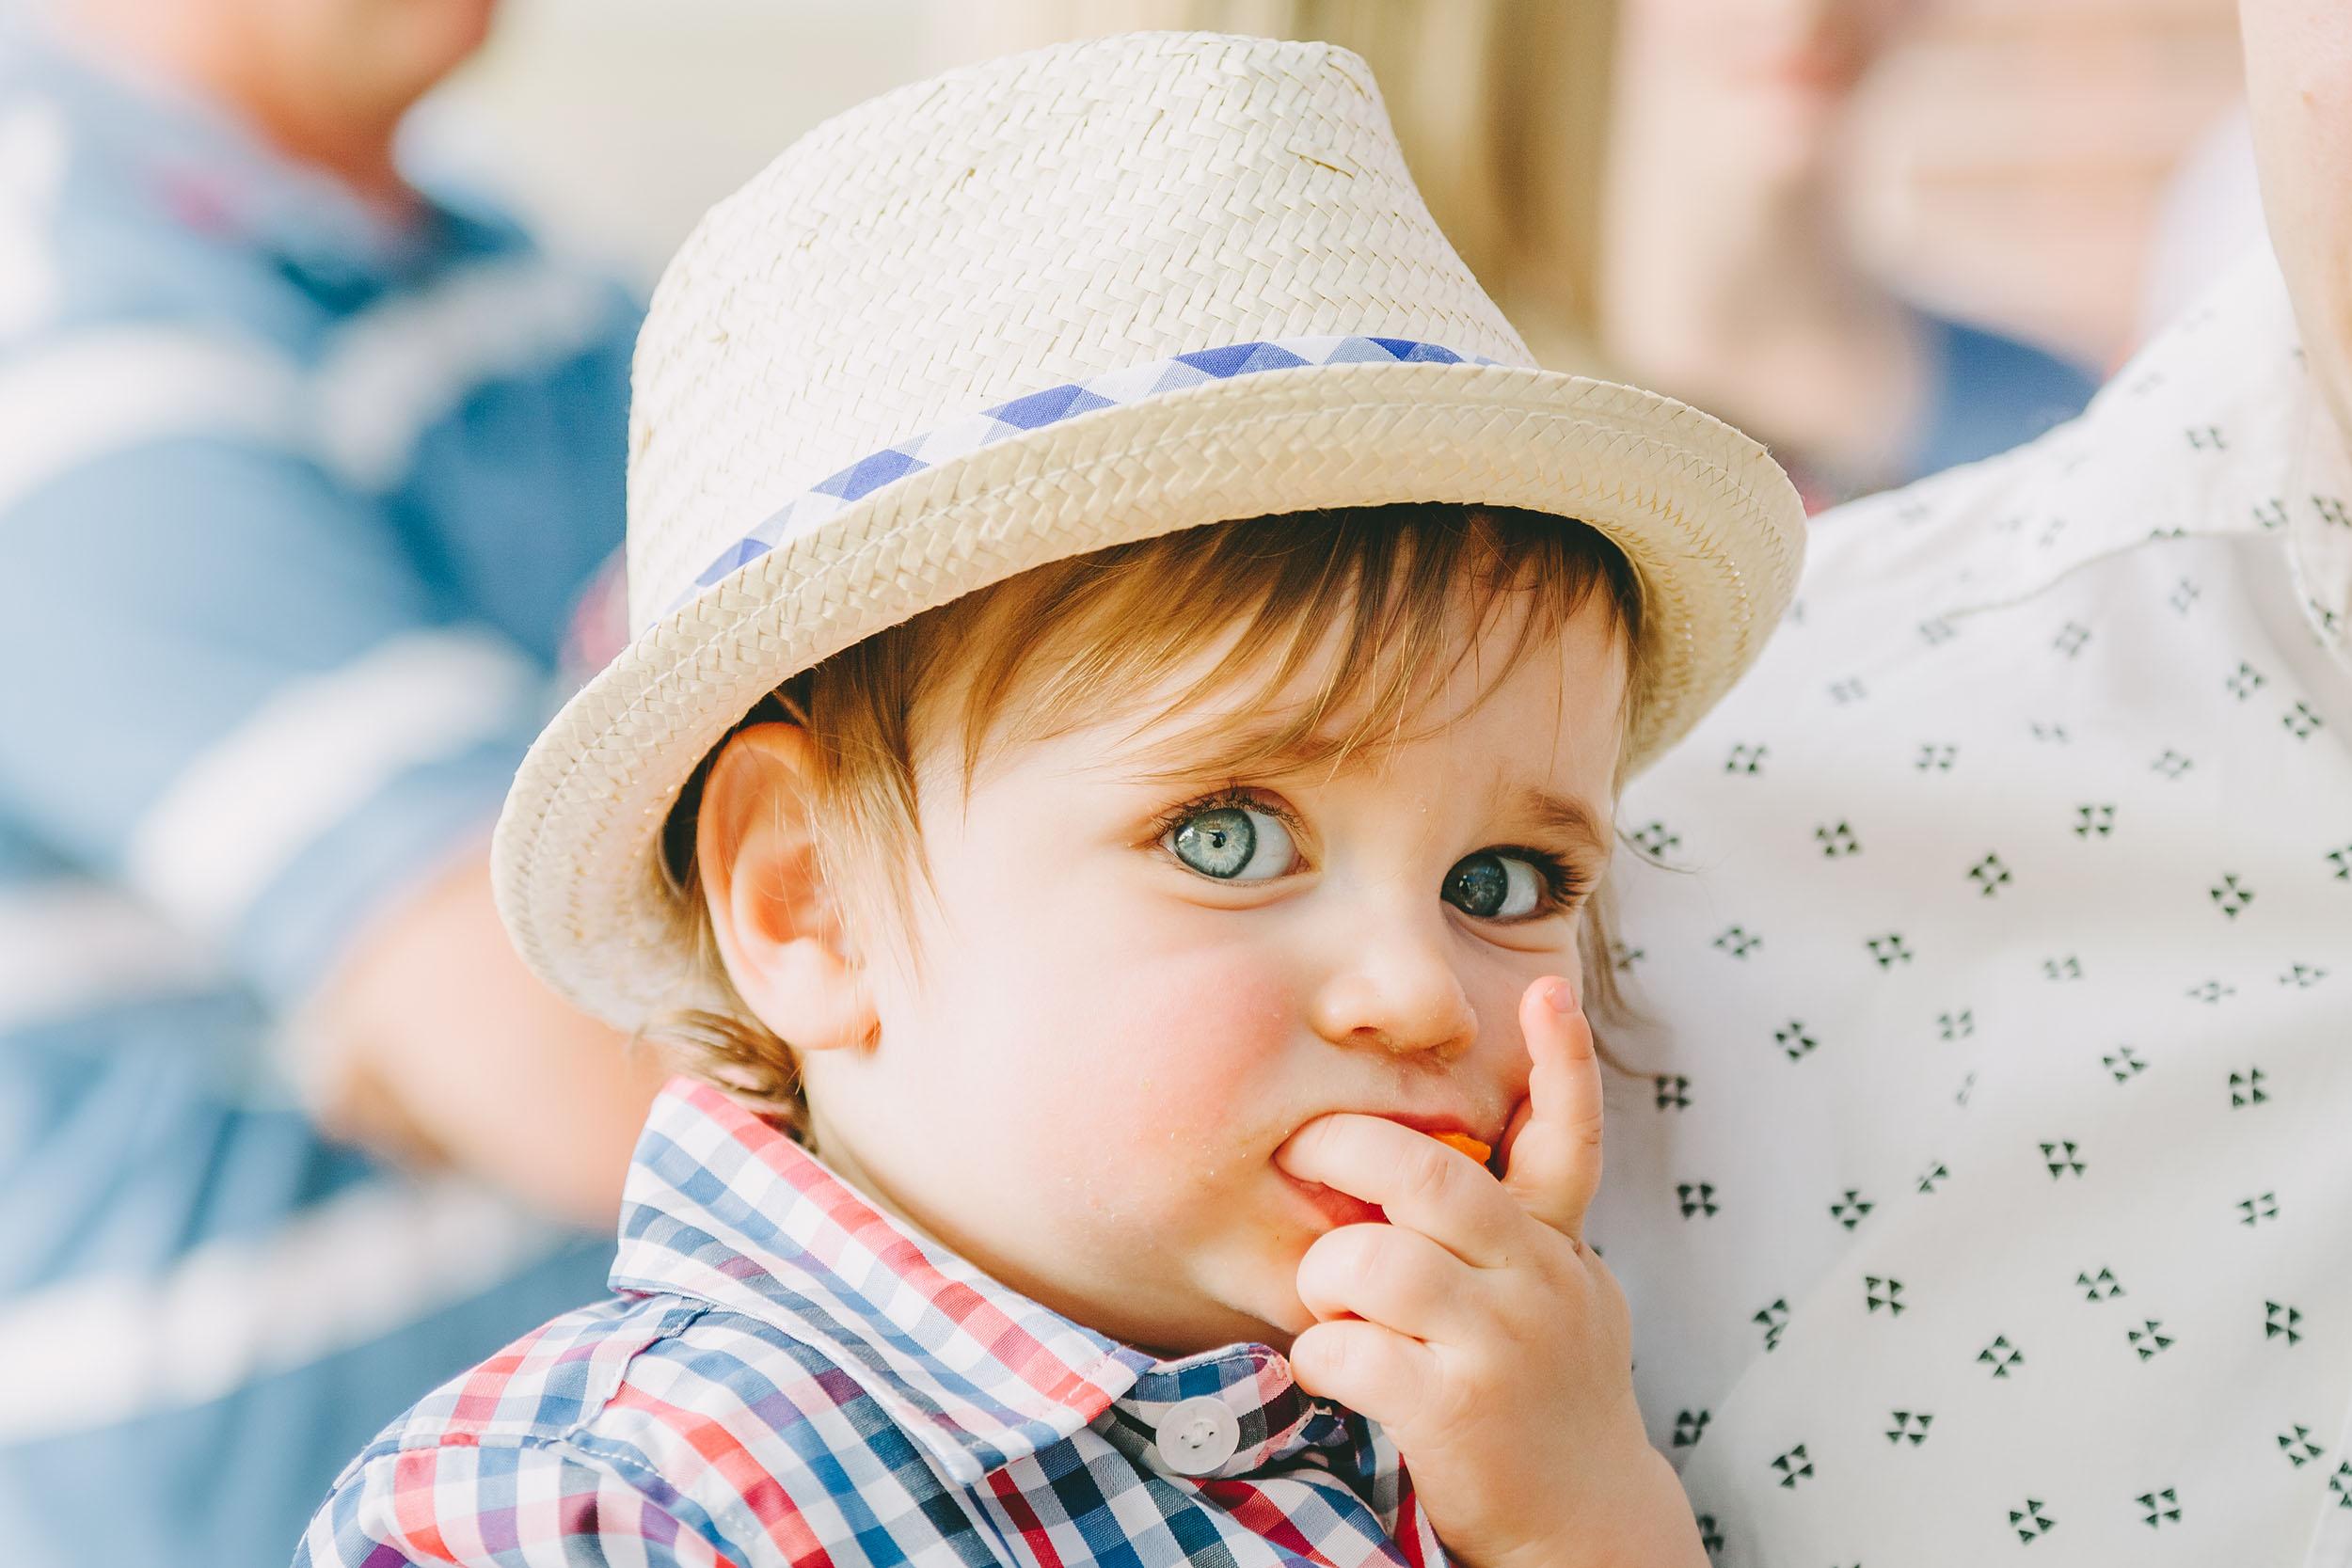 Kids - Prepare for cuteness overload.